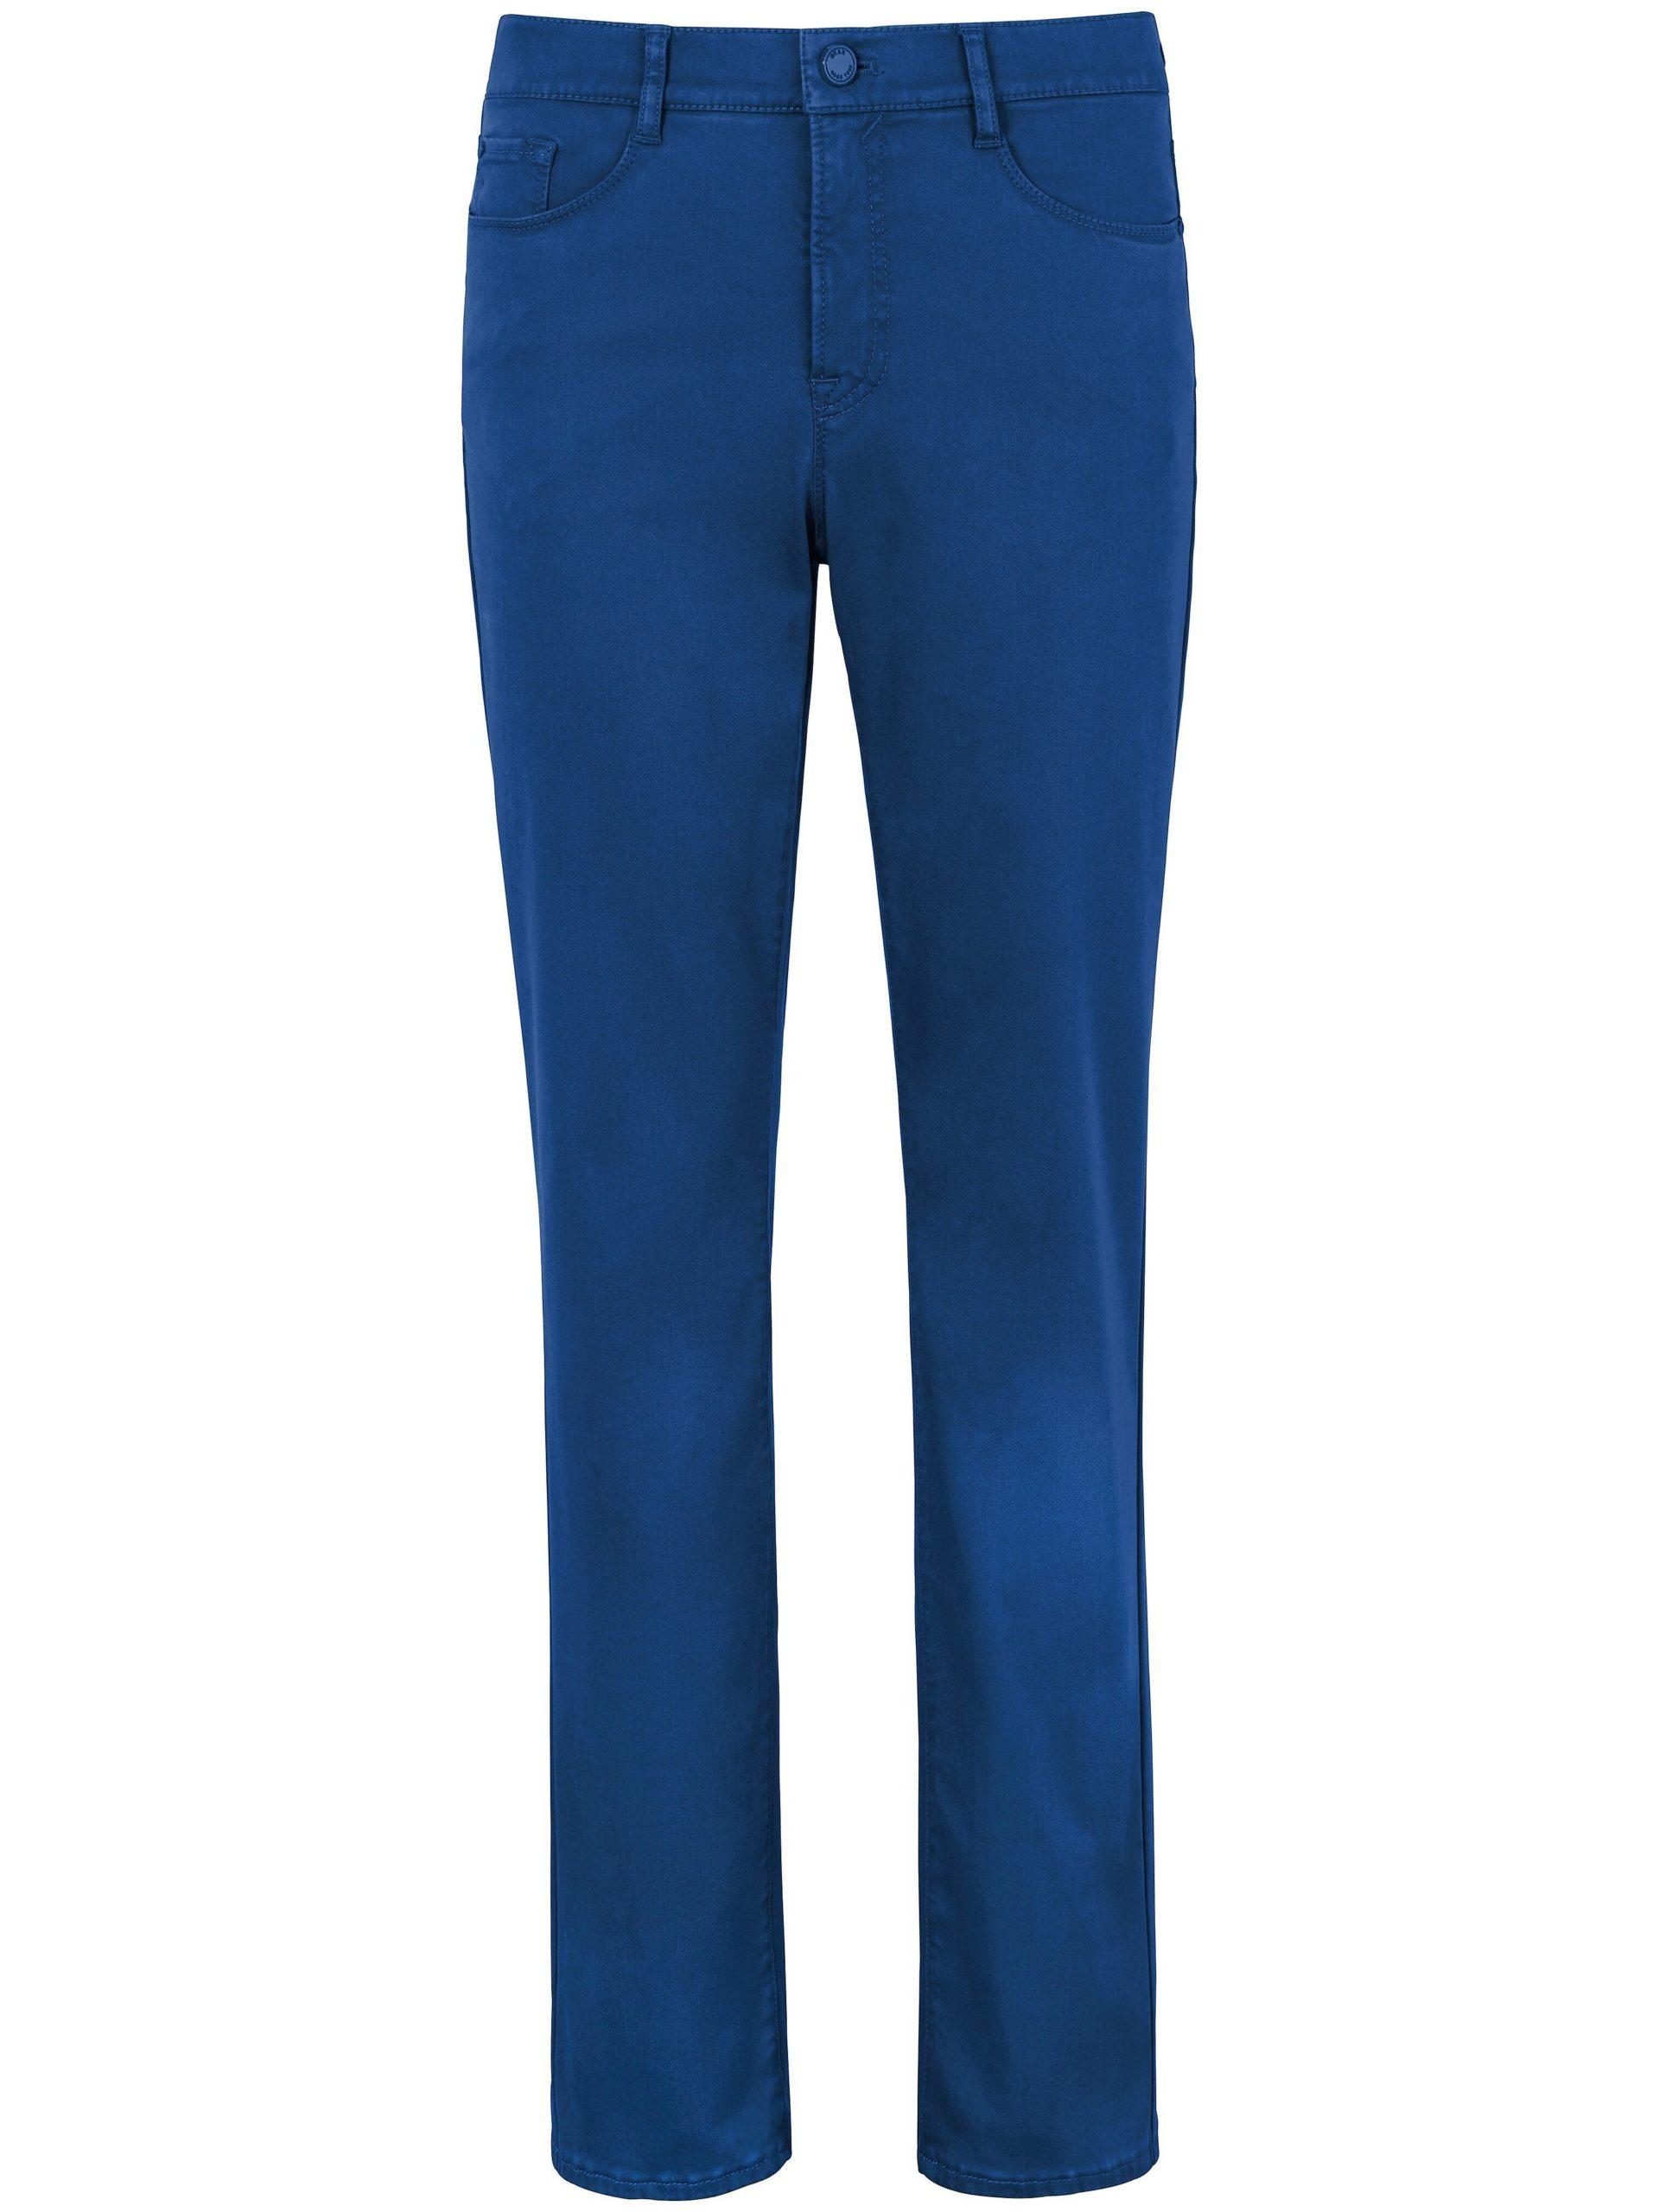 Broek model Carola Van Brax Feel Good blauw Kopen